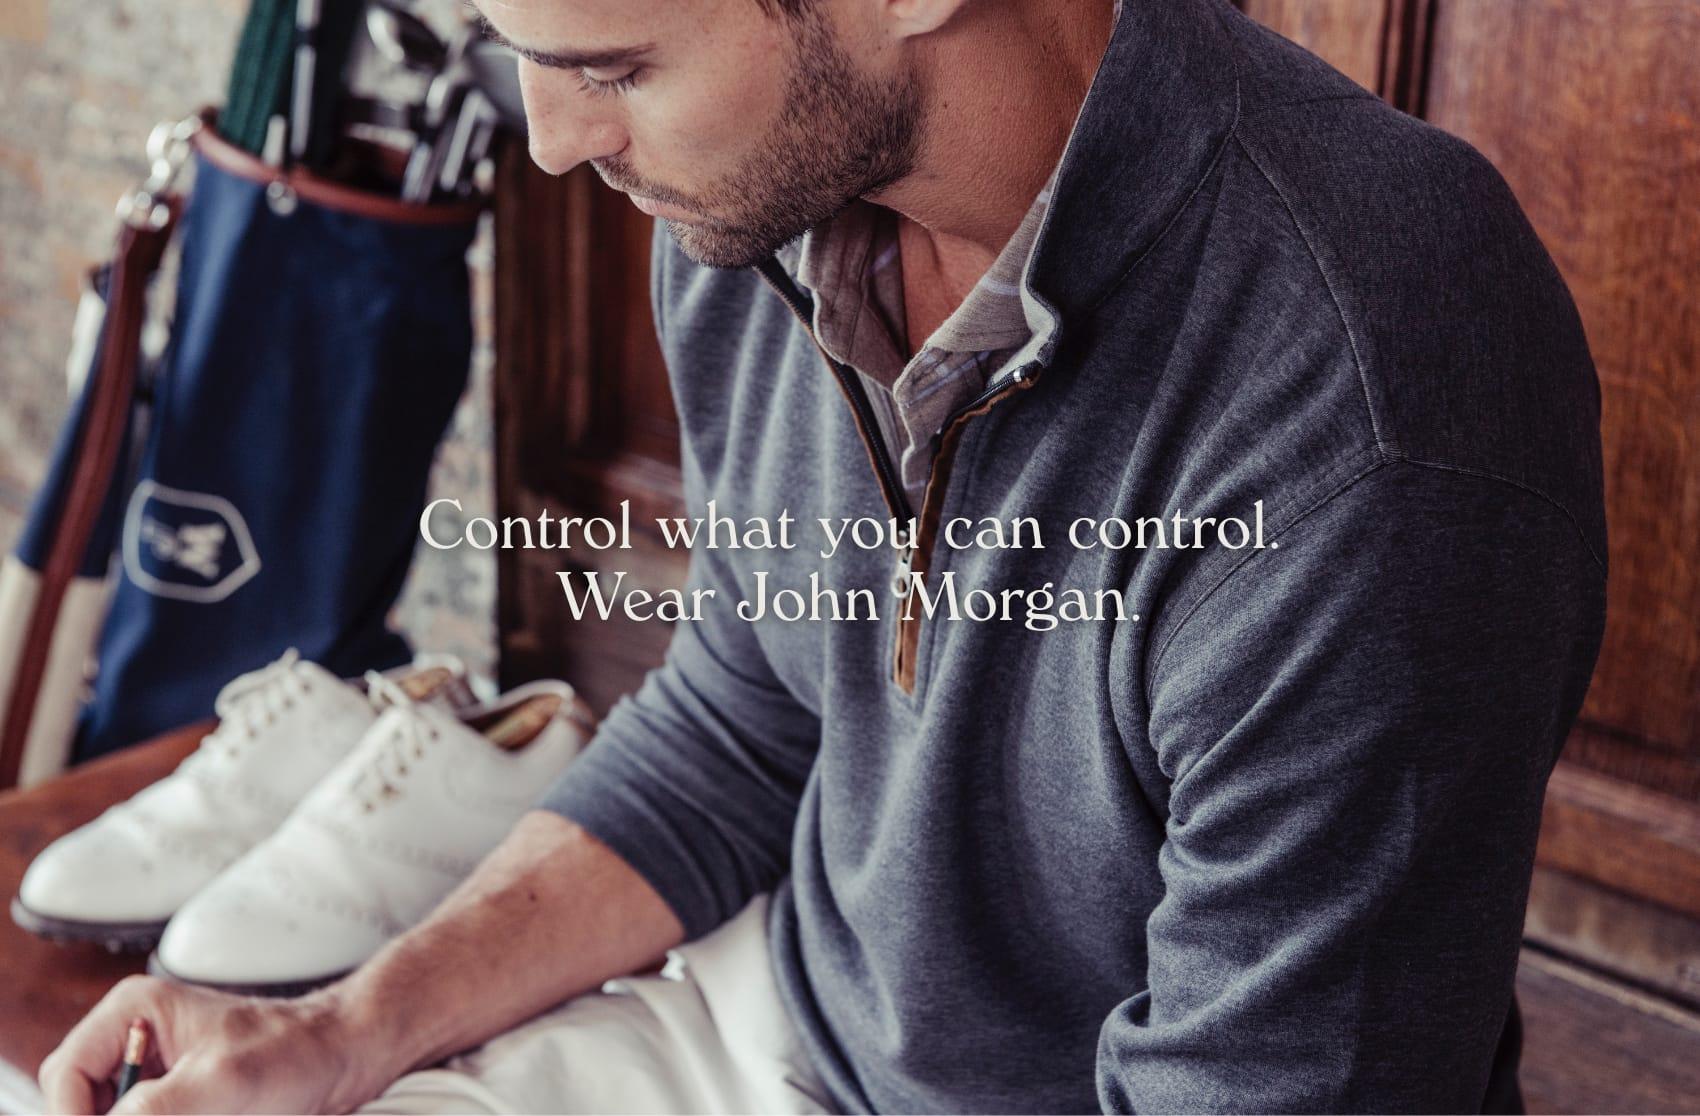 john morgan control